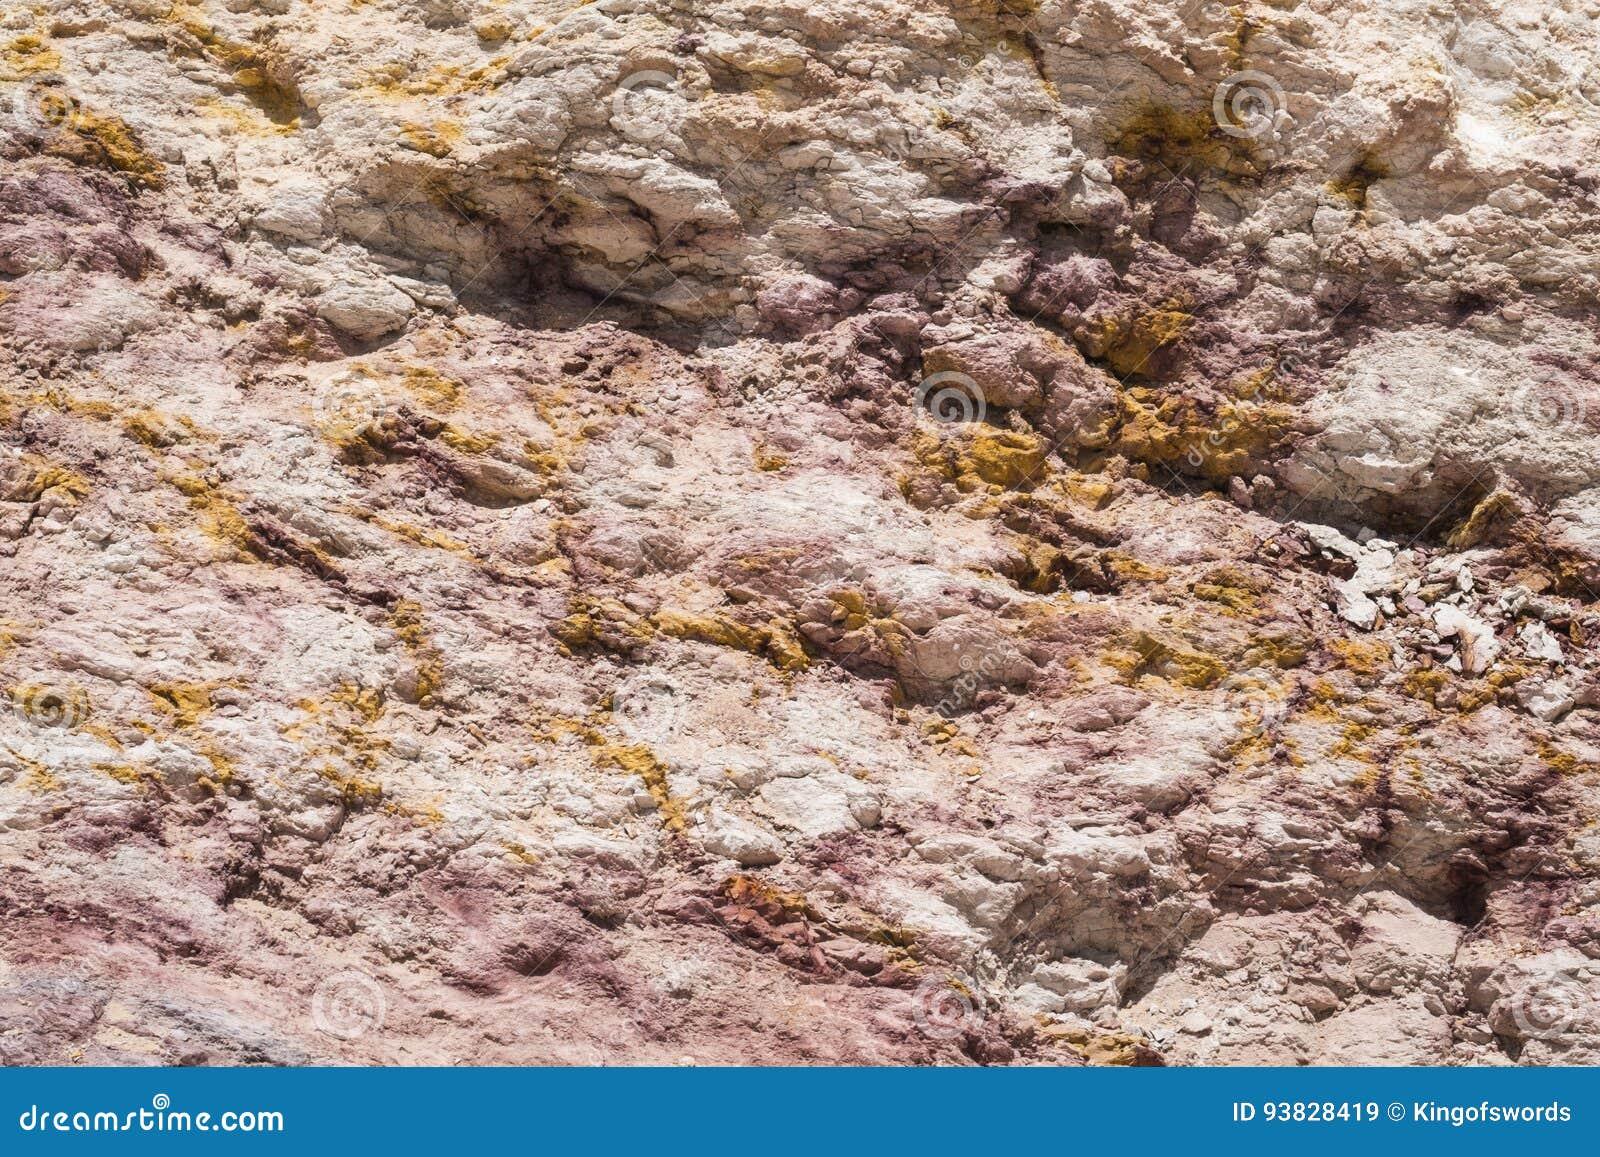 Piedra caliza blanca precio finest perfect chapado - Piedra caliza precio ...